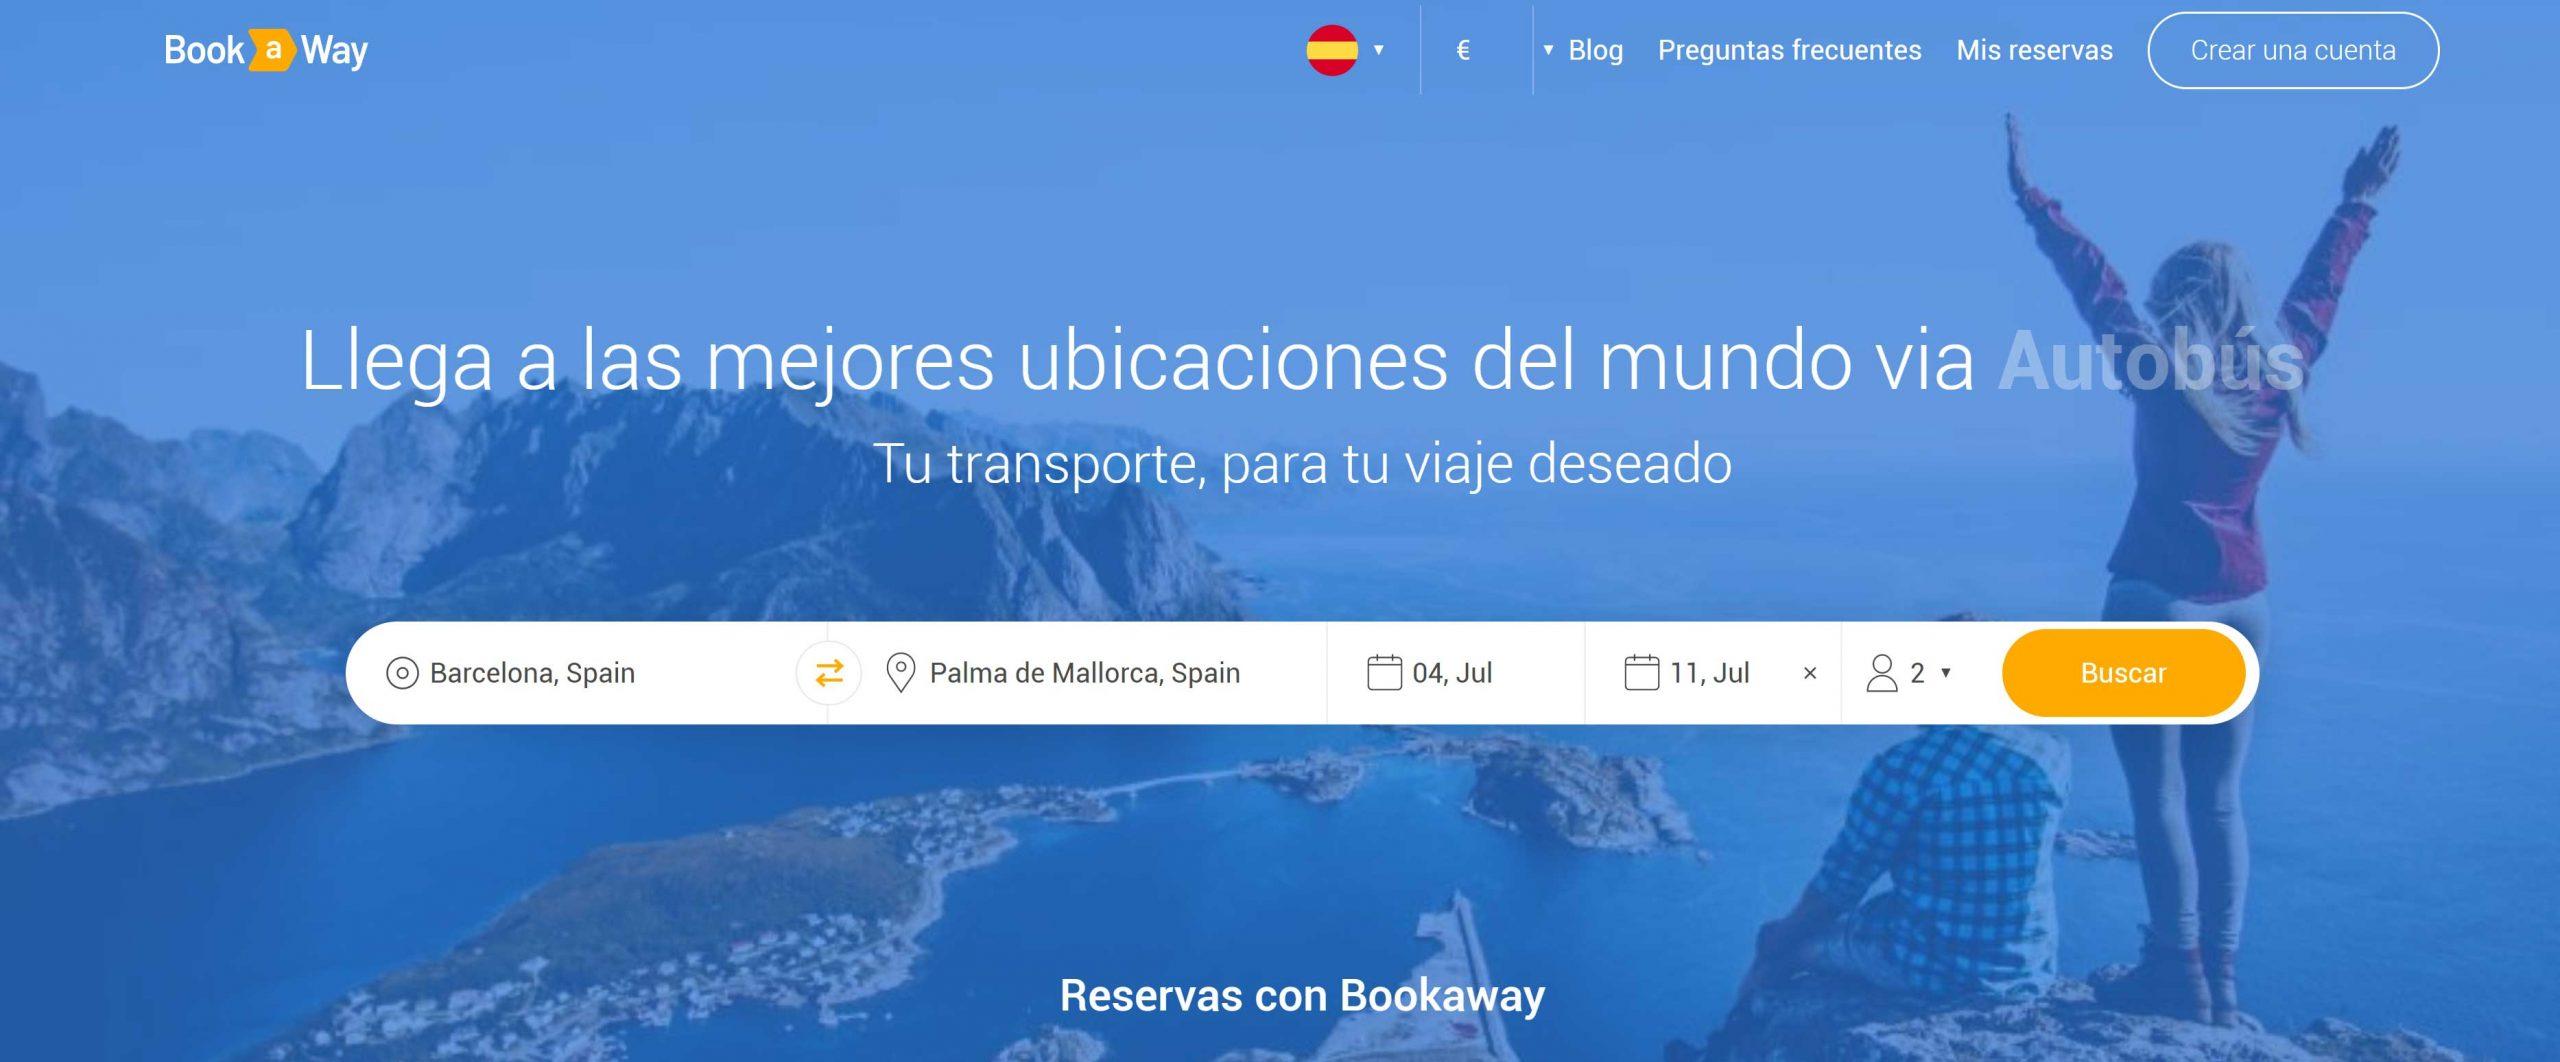 Qué es y cómo funciona Bookaway